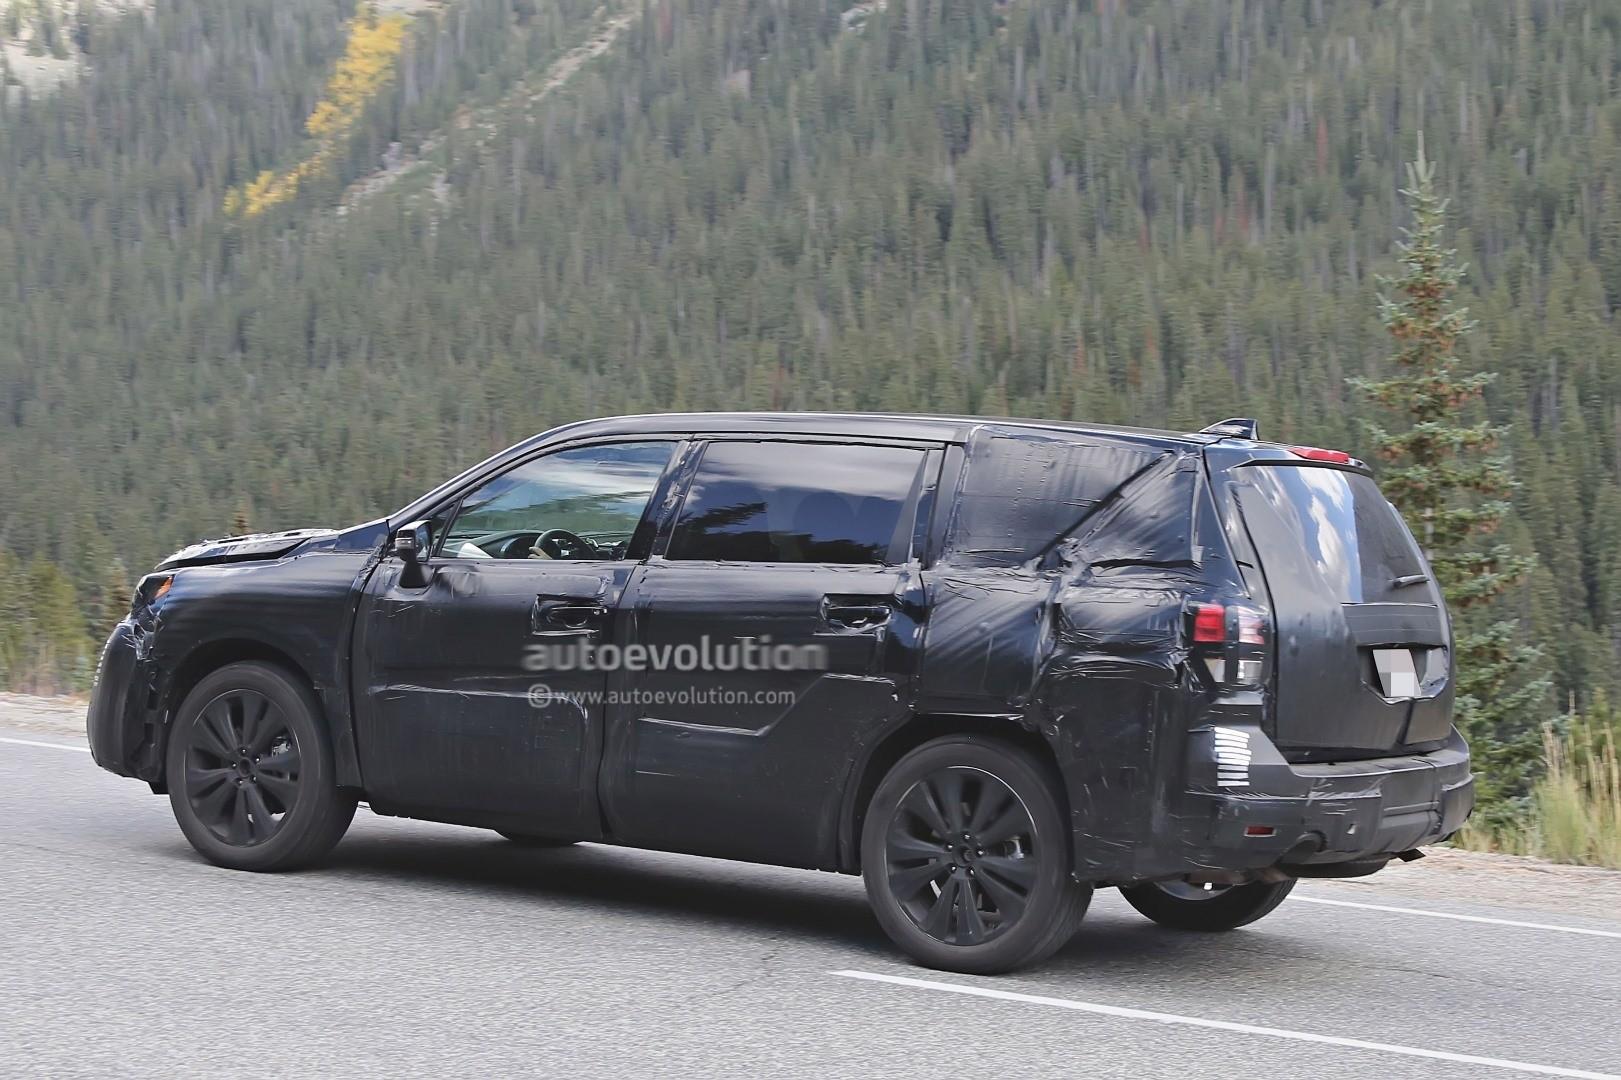 Subaru Tribeca 2016 >> 2019 Subaru Tribeca Heir Spied Benchmarking Against Mazda CX-9, Ford Explorer - autoevolution